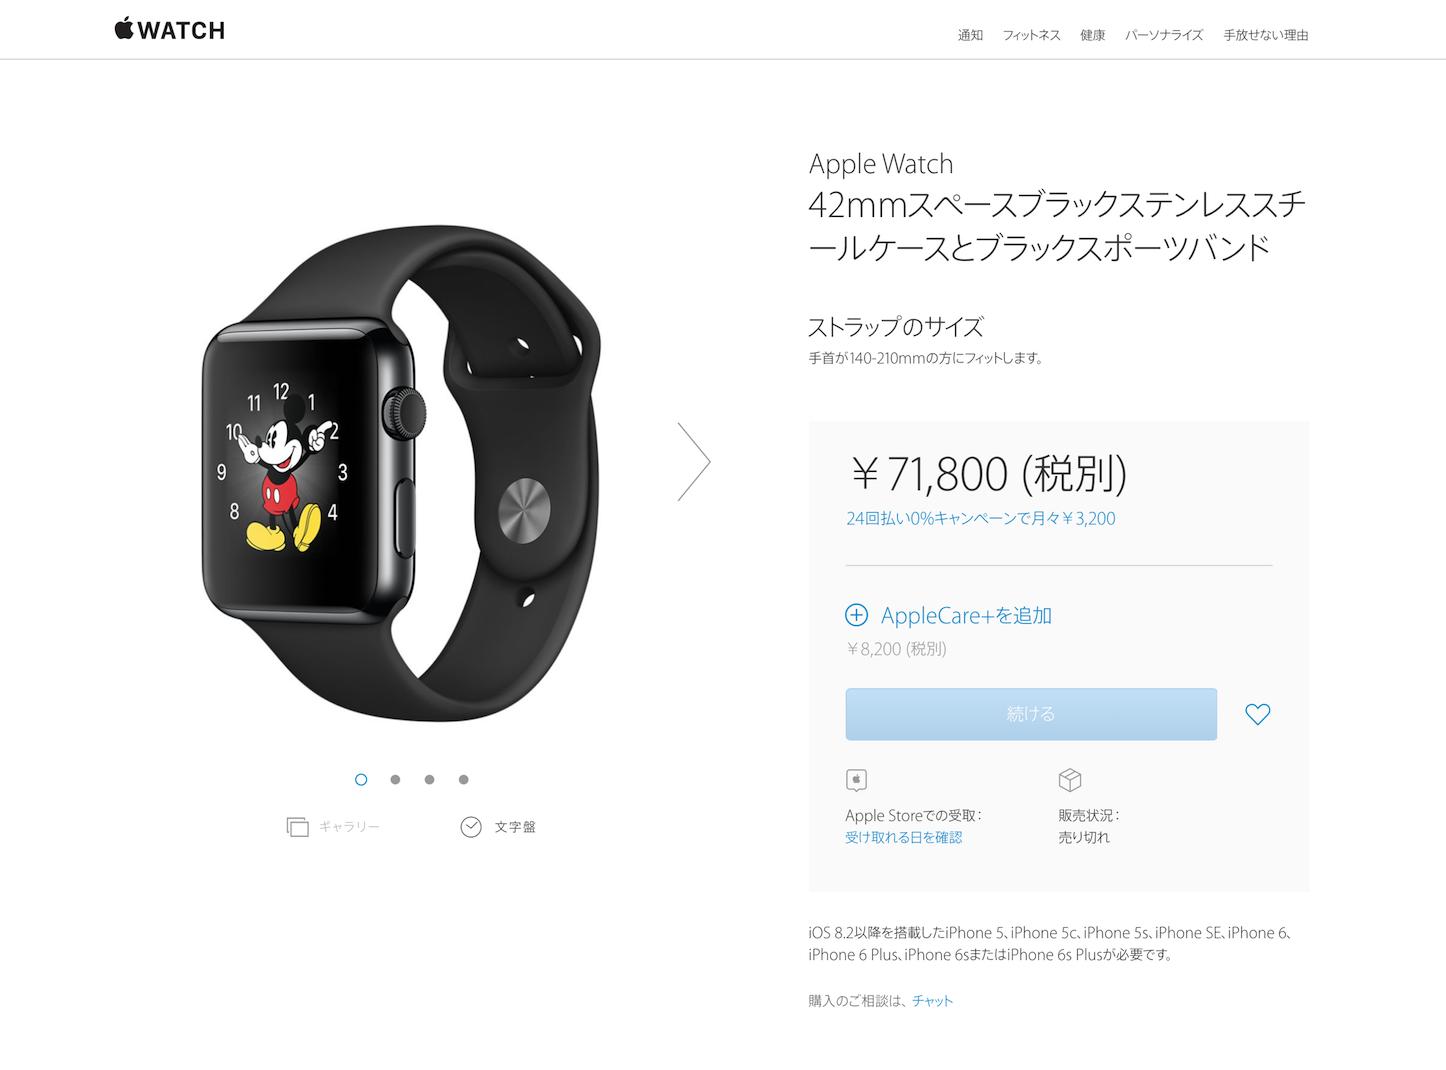 Apple Watch Steinless Steel Model outofstock